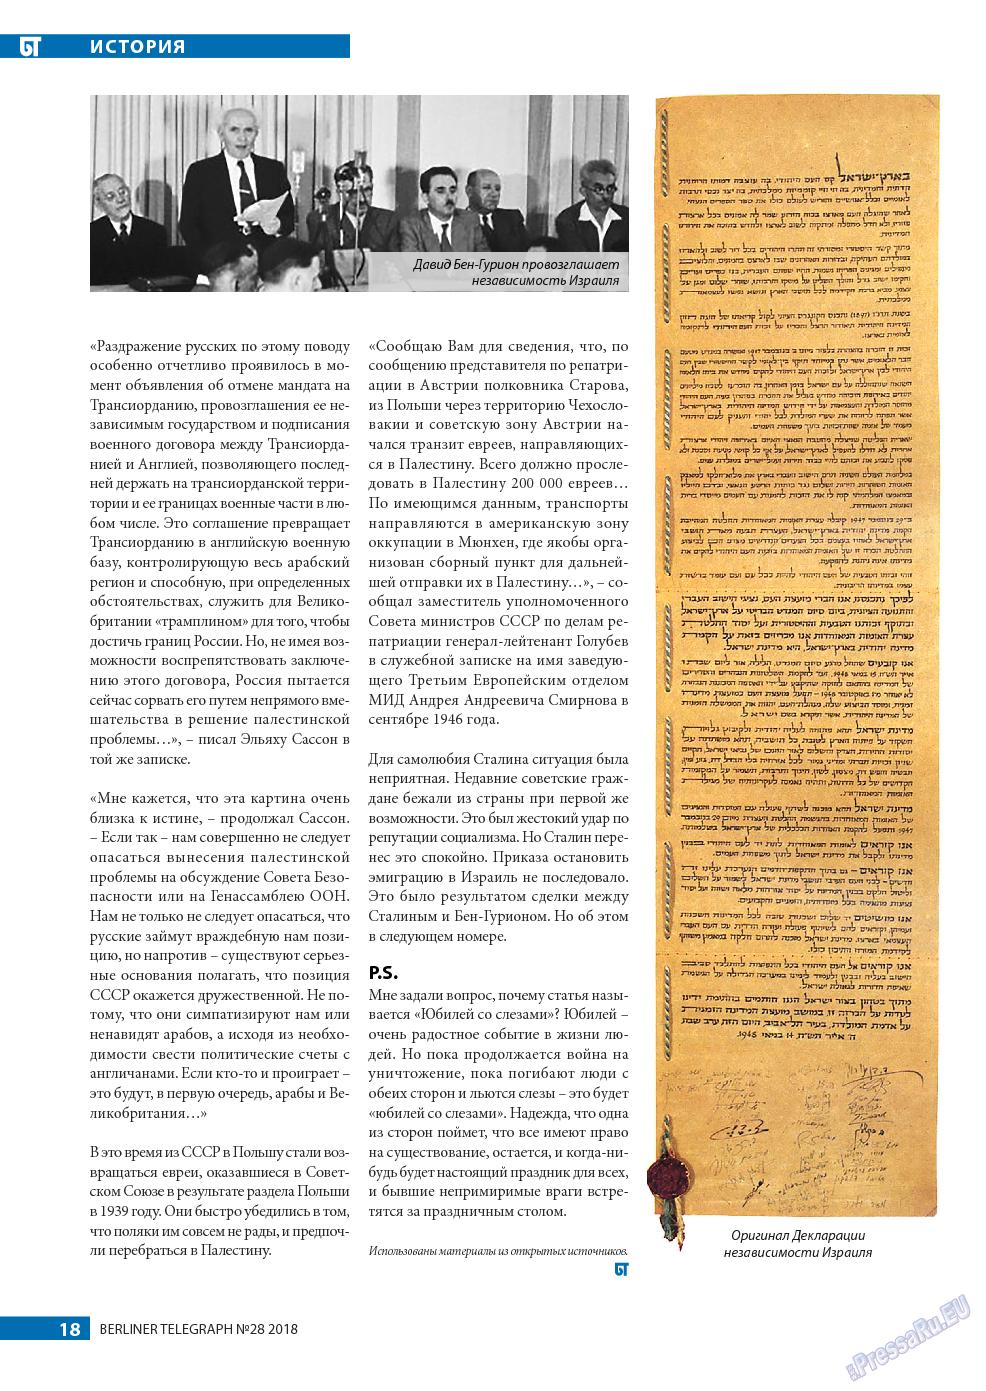 Берлинский телеграф (журнал). 2018 год, номер 28, стр. 18